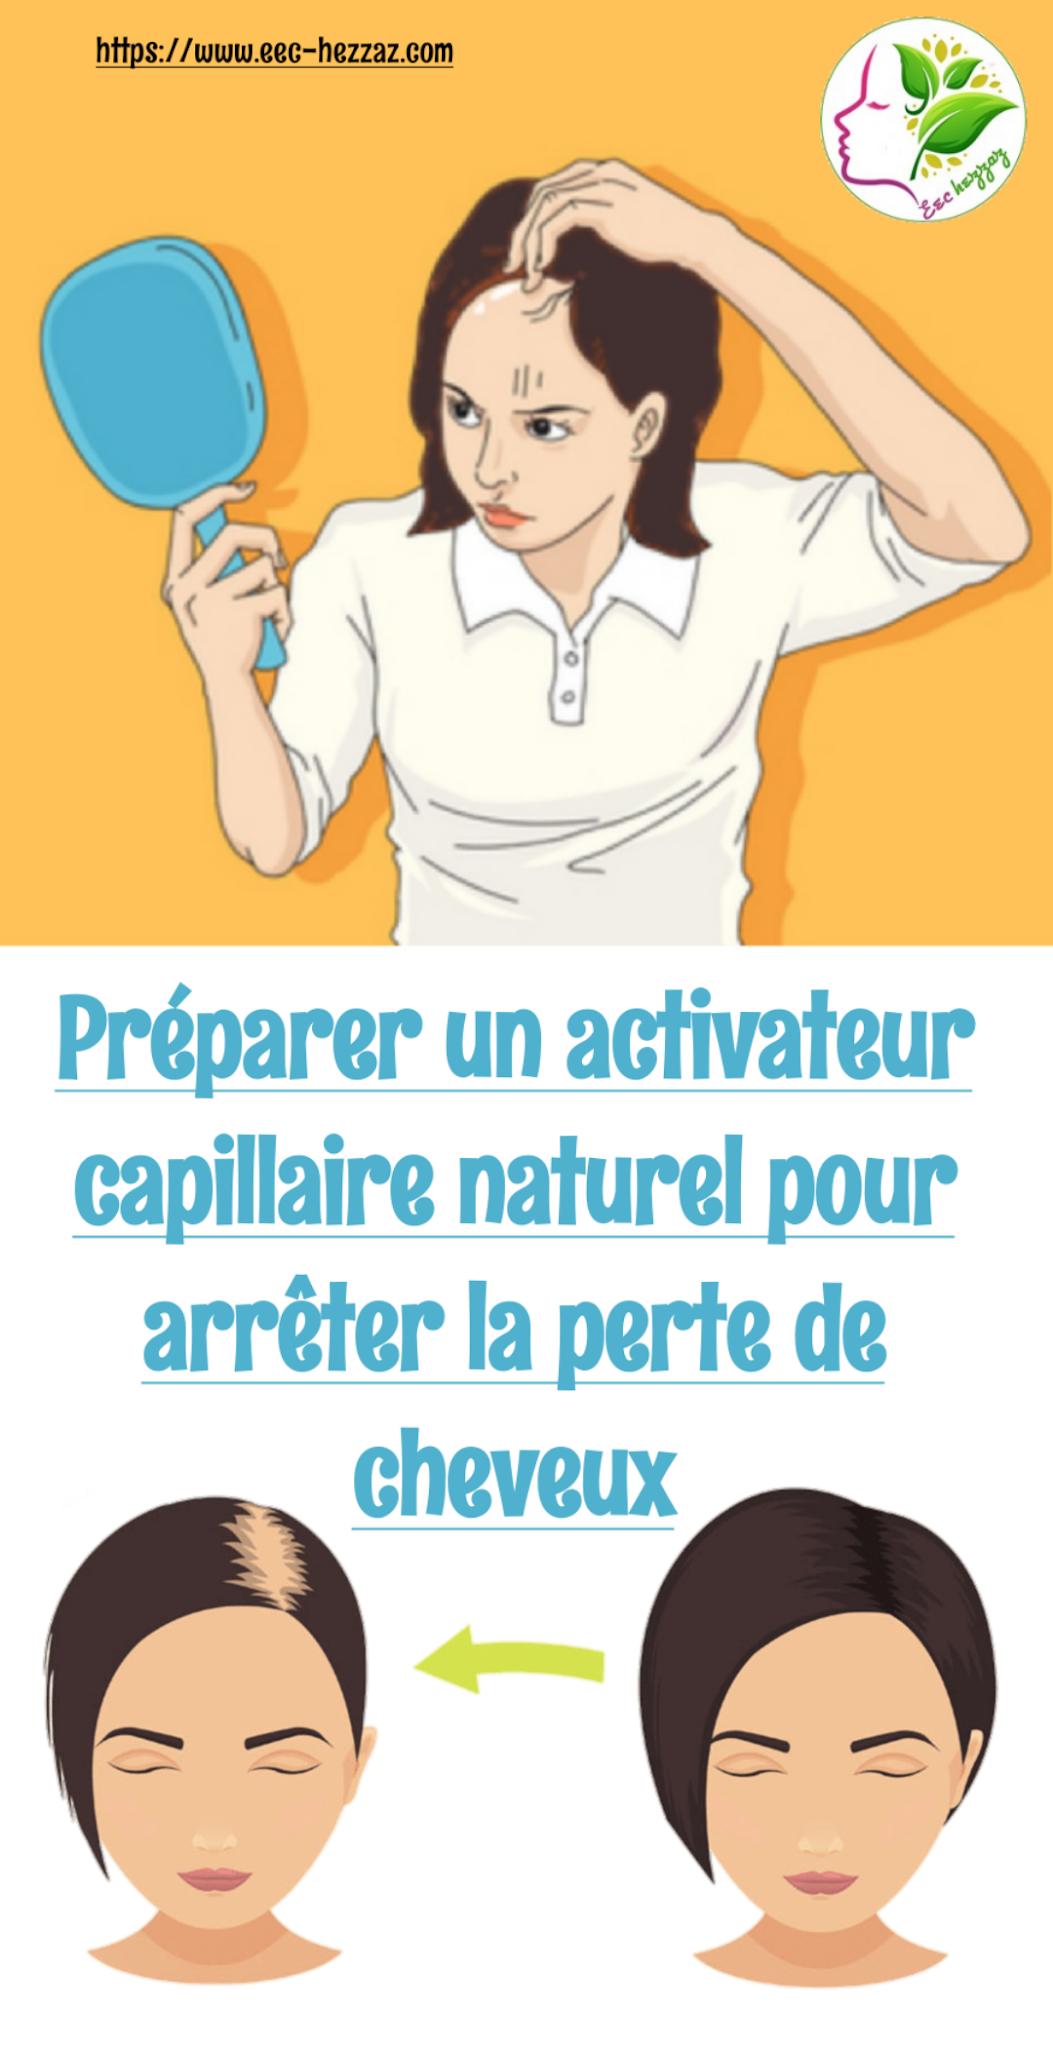 Préparer un activateur capillaire naturel pour arrêter la perte de cheveux